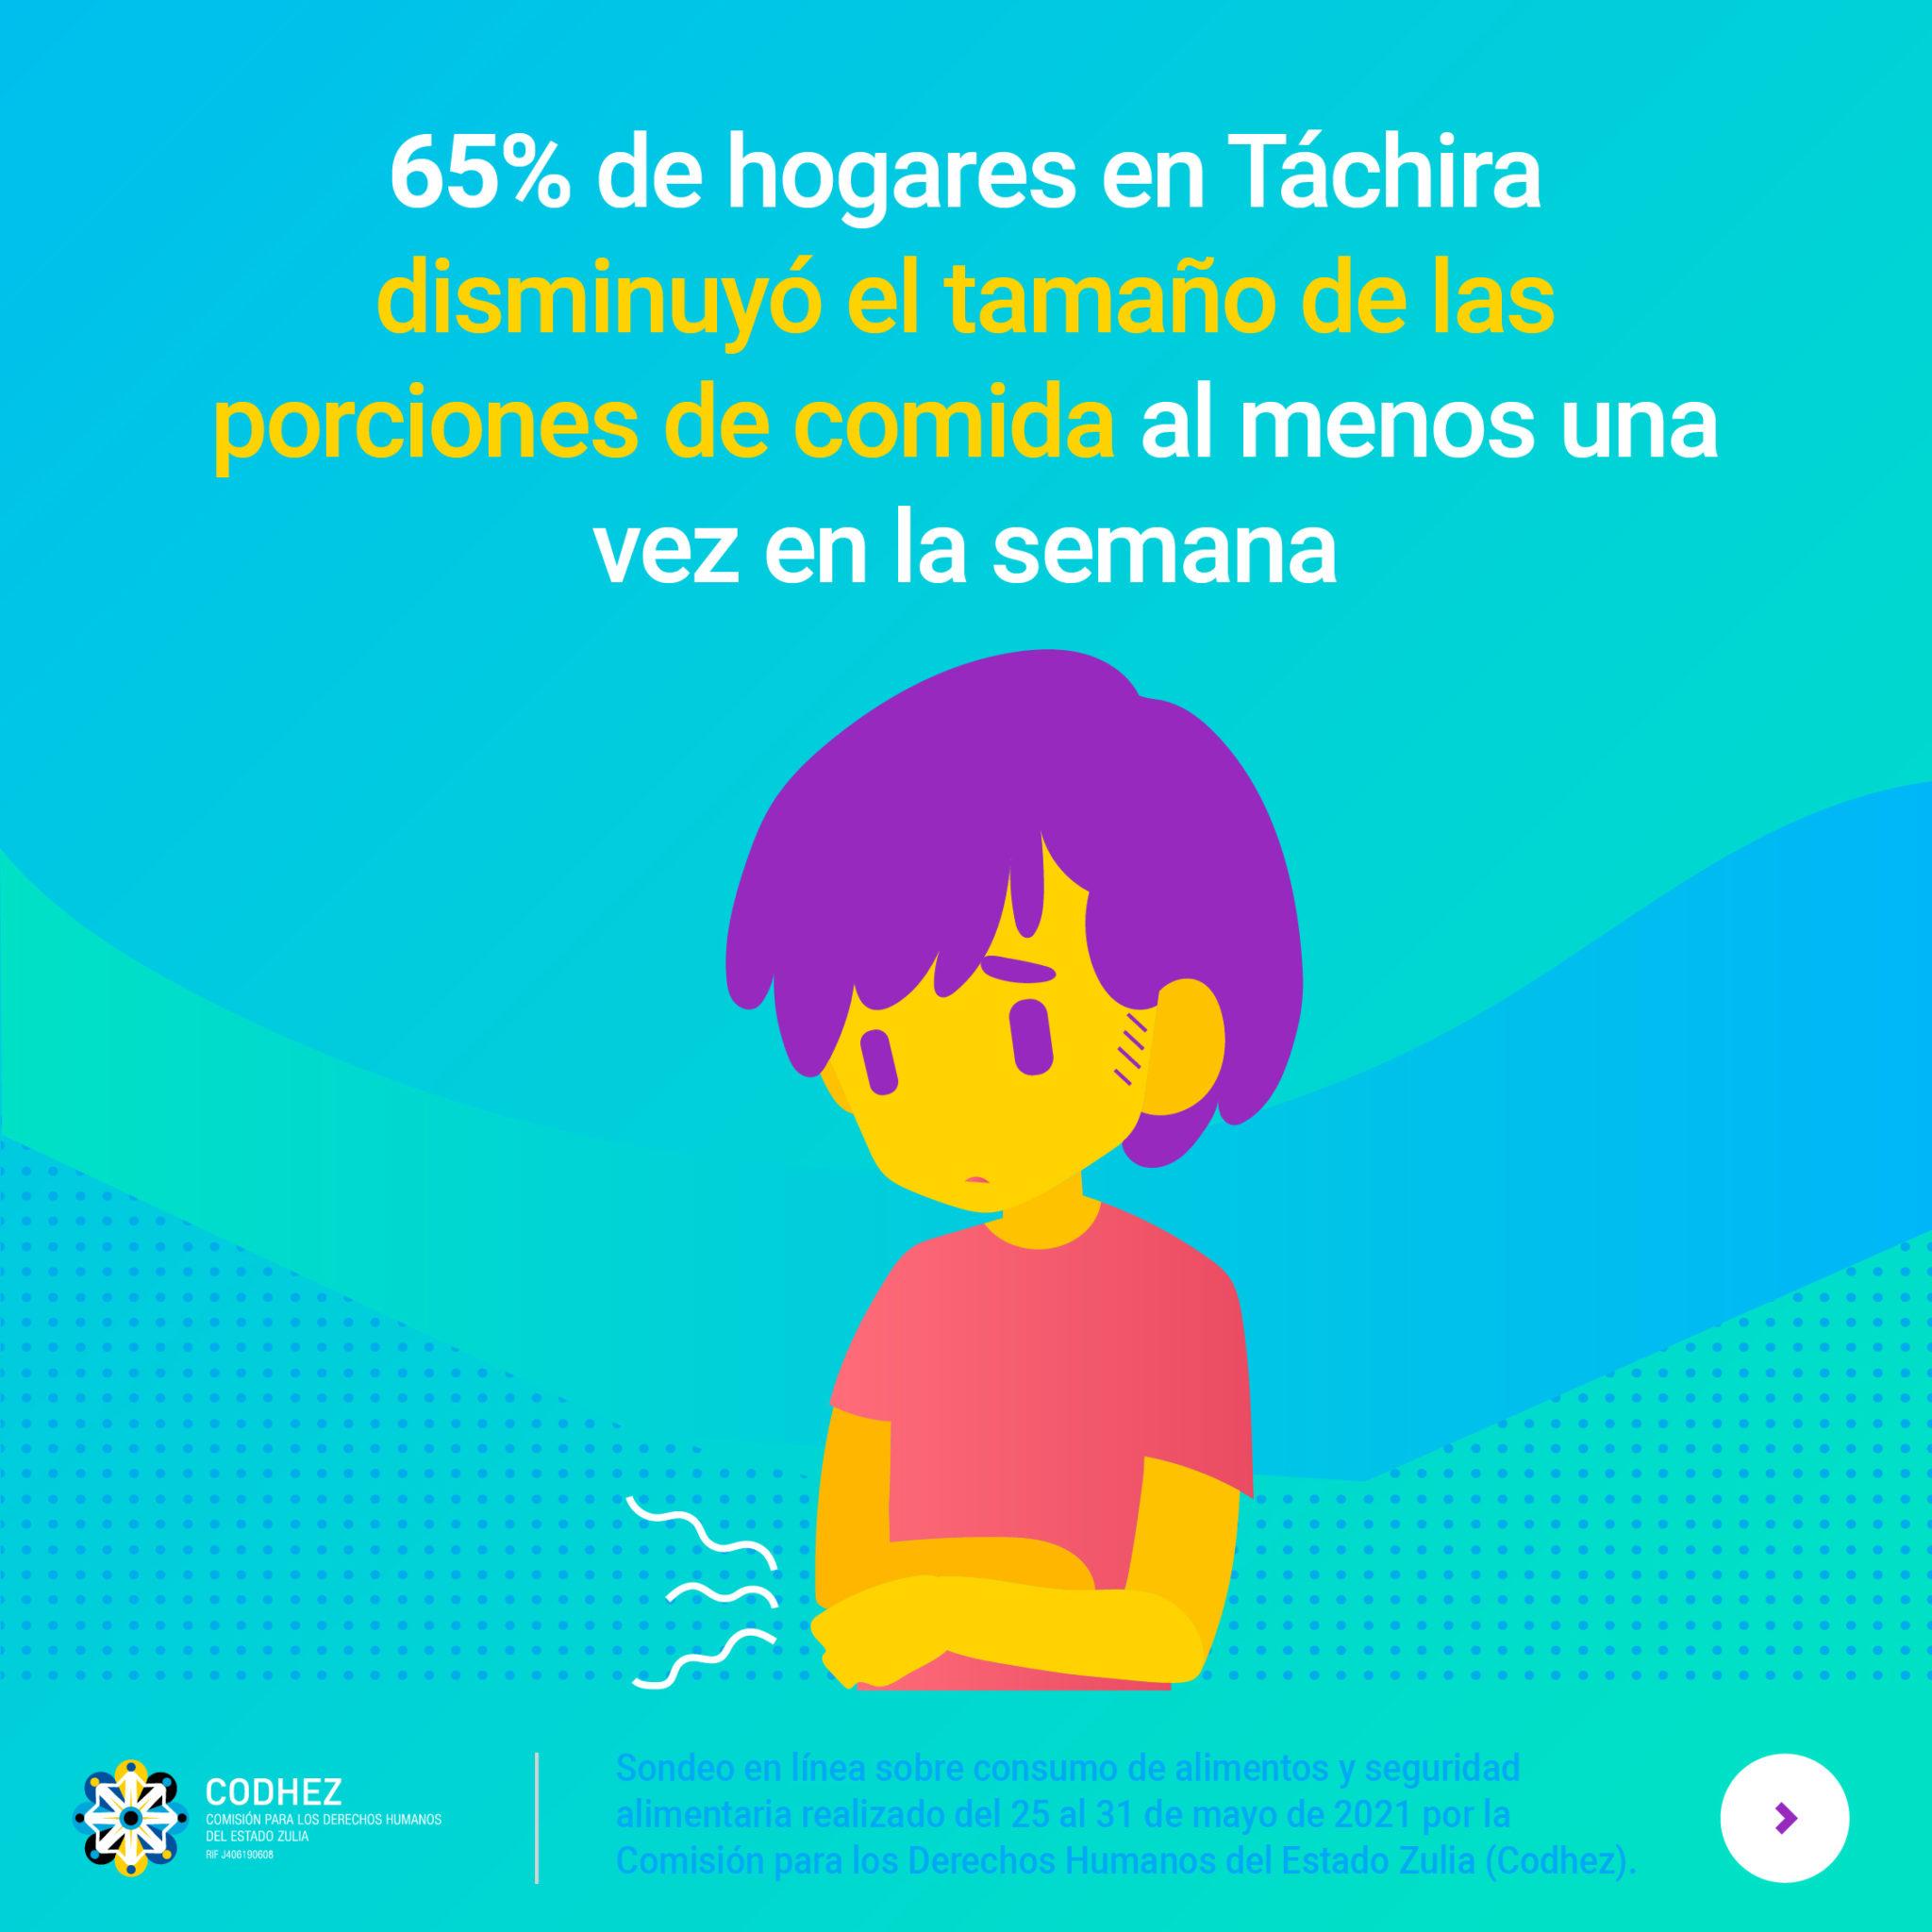 65% de hogares de Táchira disminuye el tamaño de porciones de comida al menos una vez en la semana